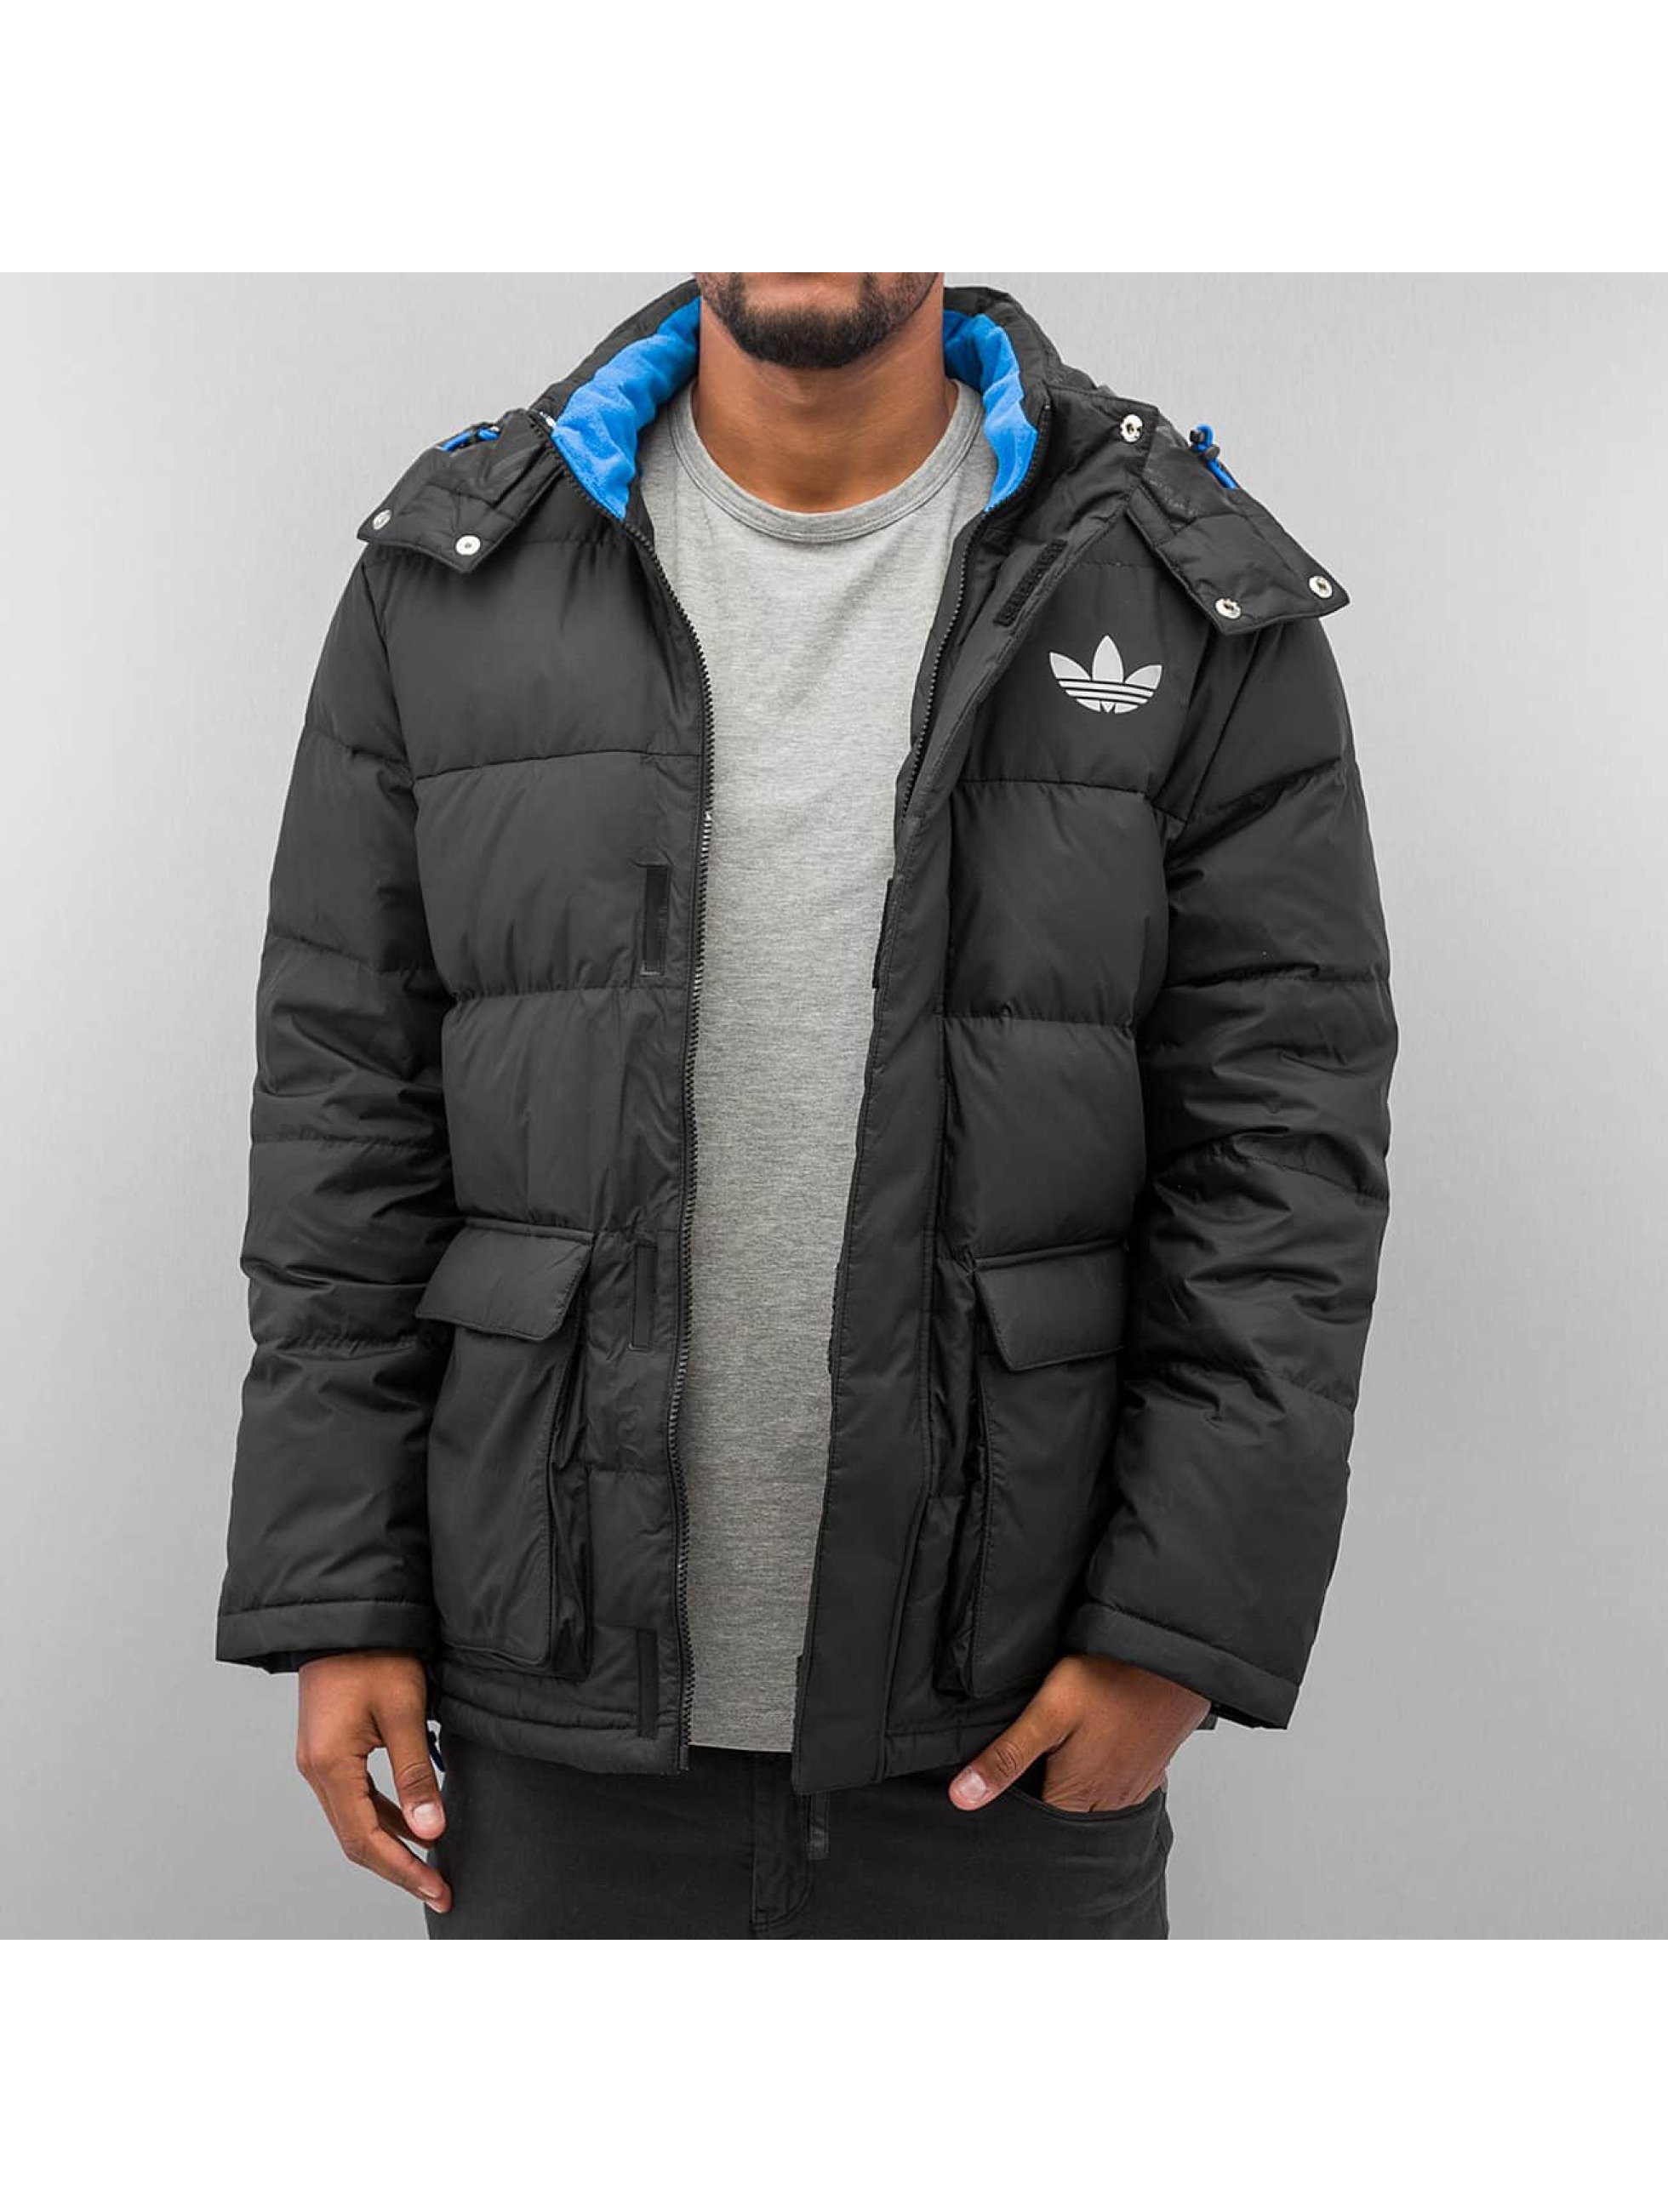 adidas Jacke / Winterjacke Praez in schwarz 231451